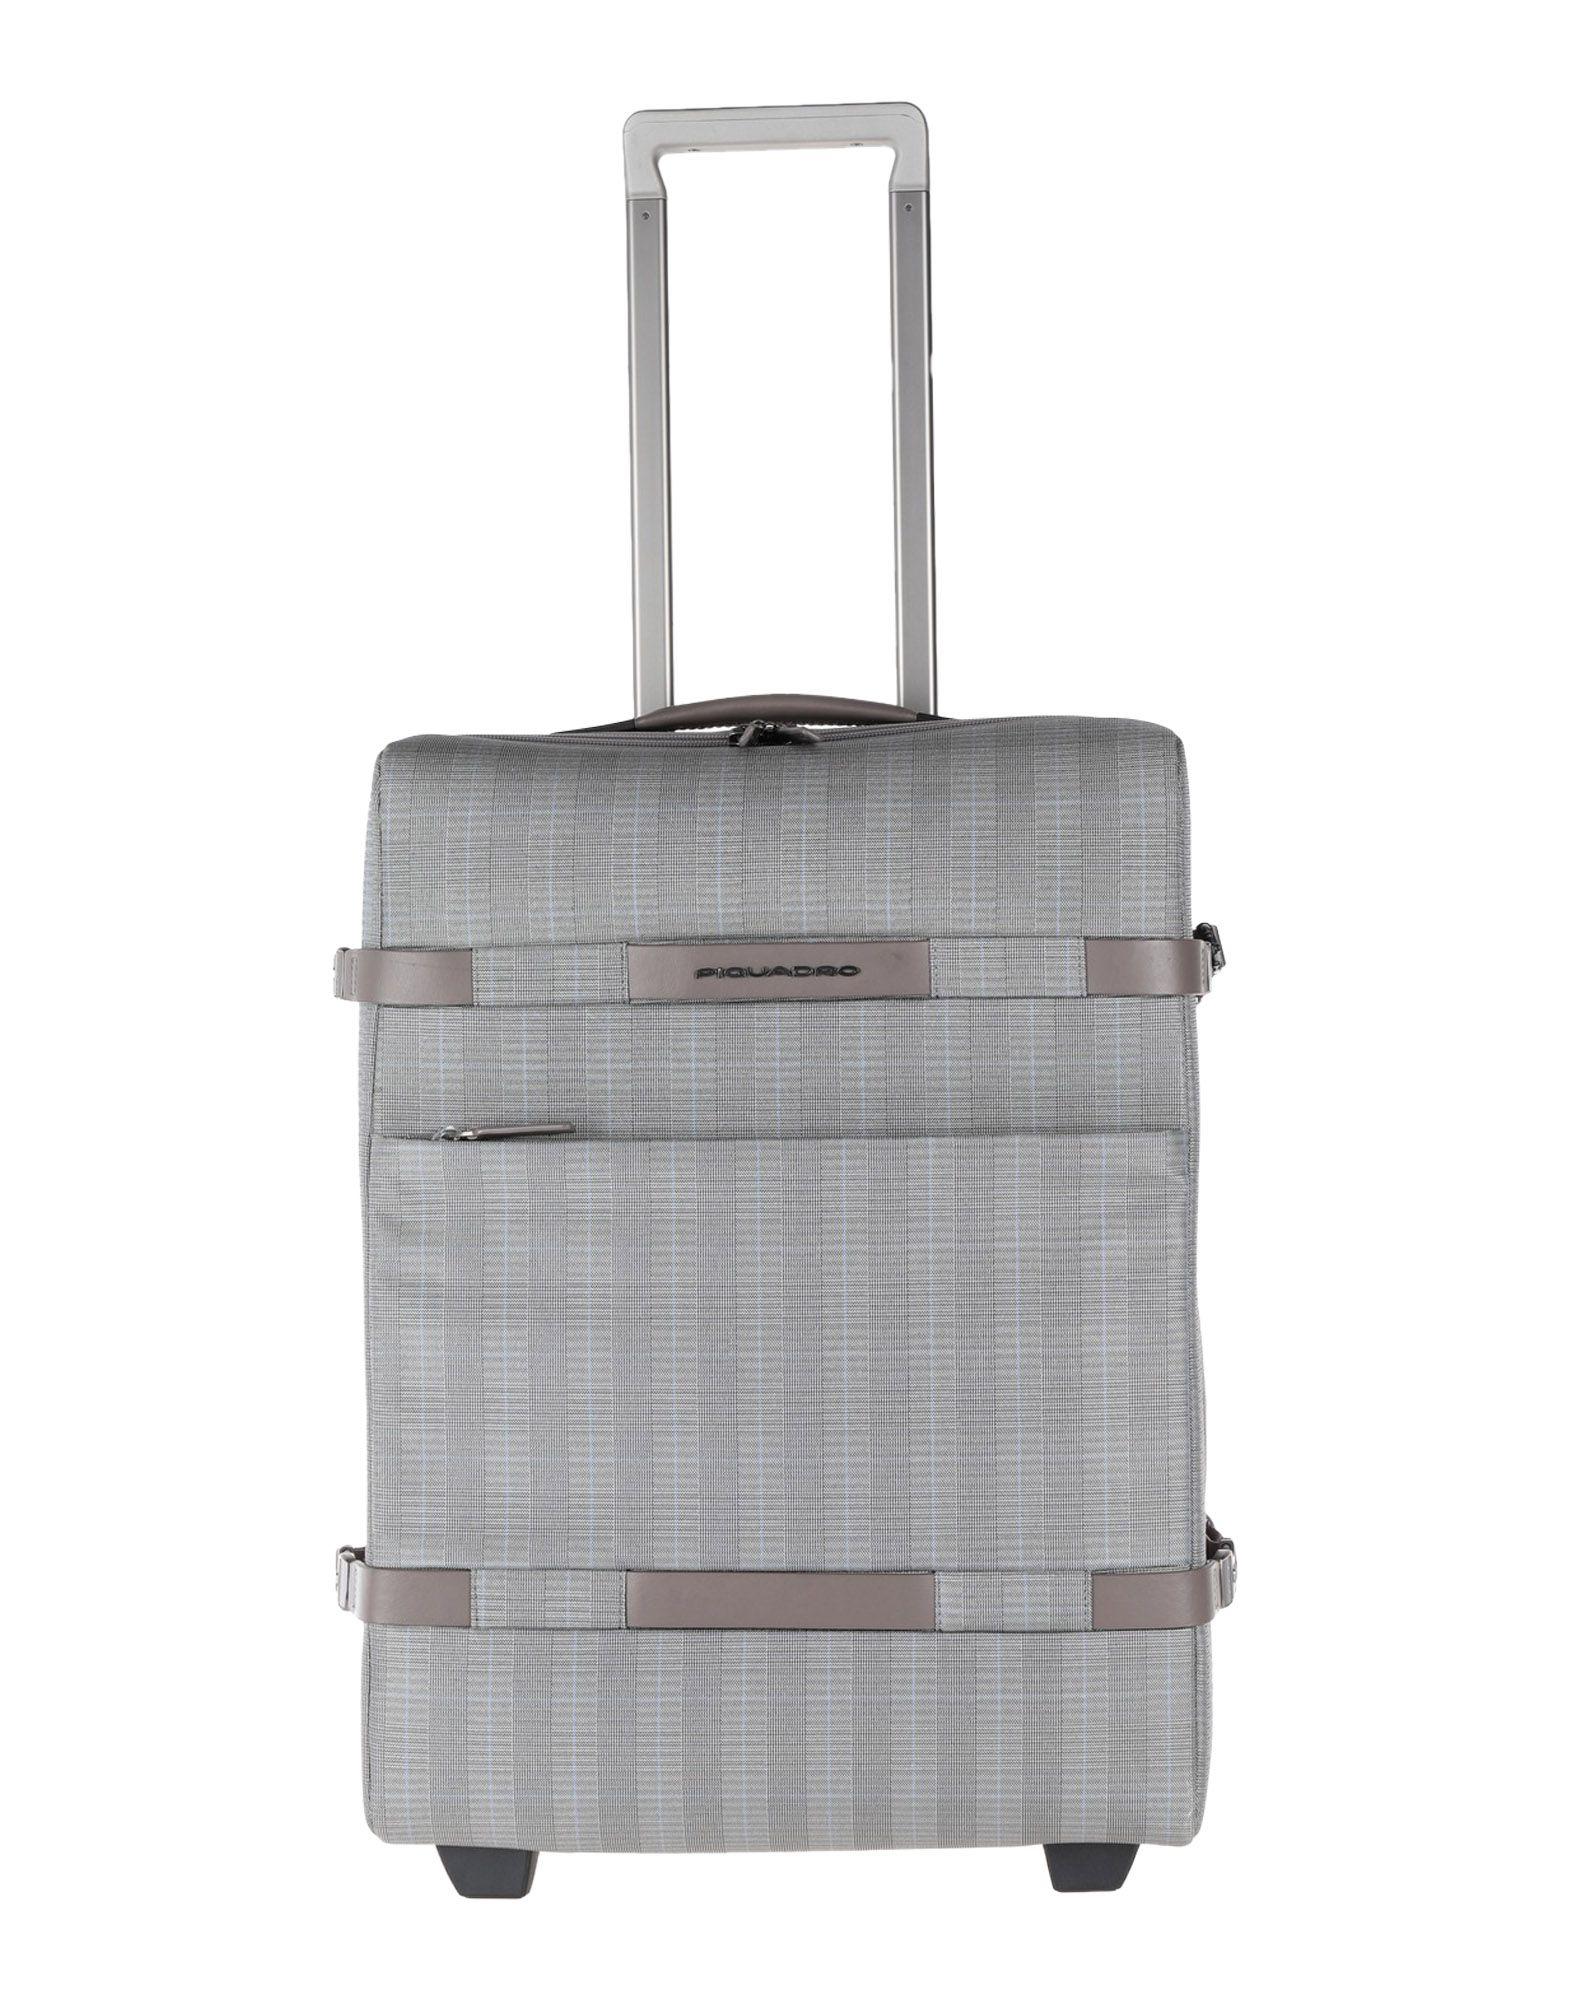 《期間限定セール中》PIQUADRO Unisex キャスター付きバッグ グレー ポリ塩化ビニル / ナイロン / 金属 / ABS樹脂 / ポリウレタン